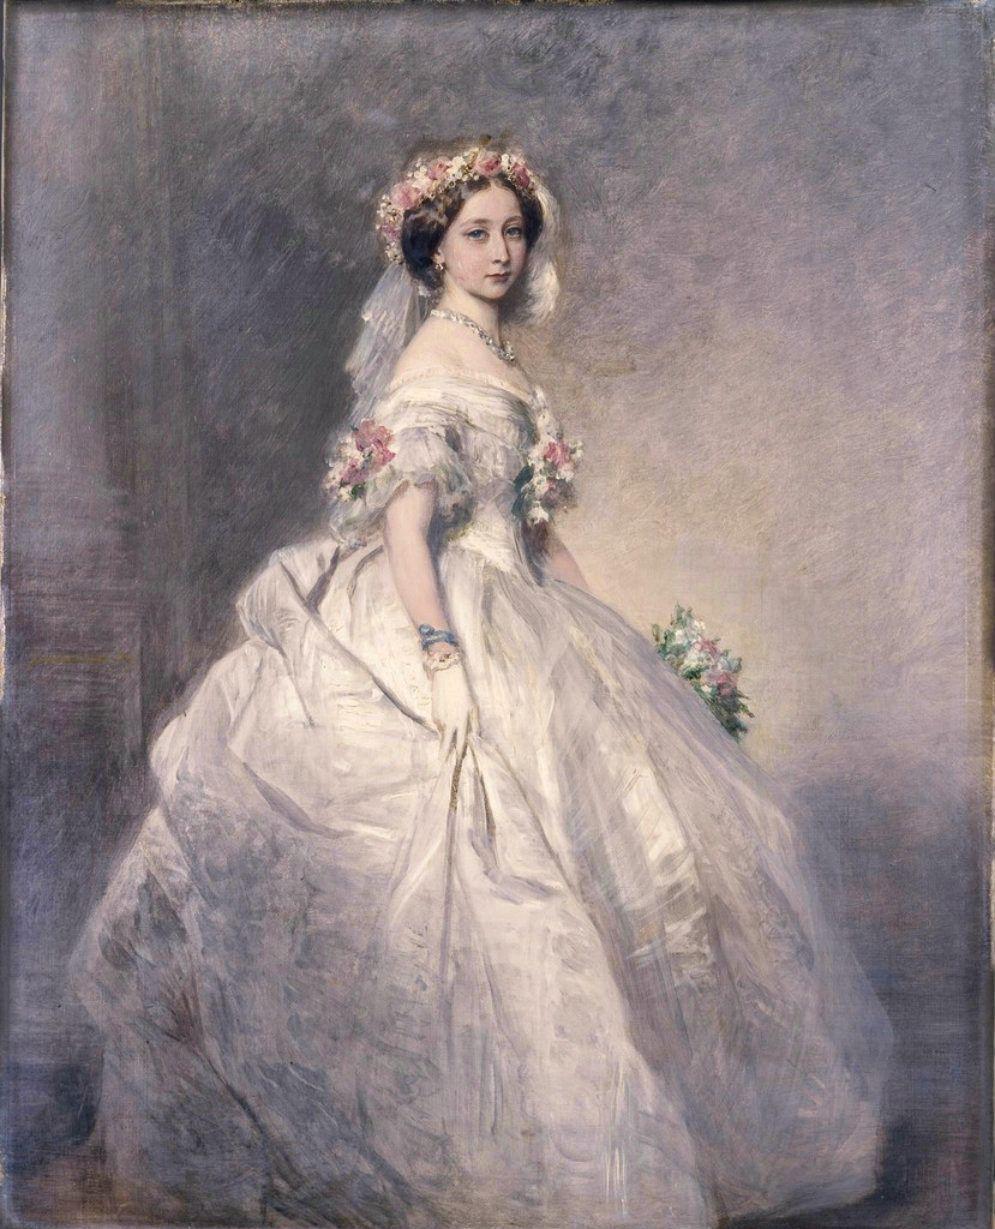 Queen Victoria in her Wedding Gown,\